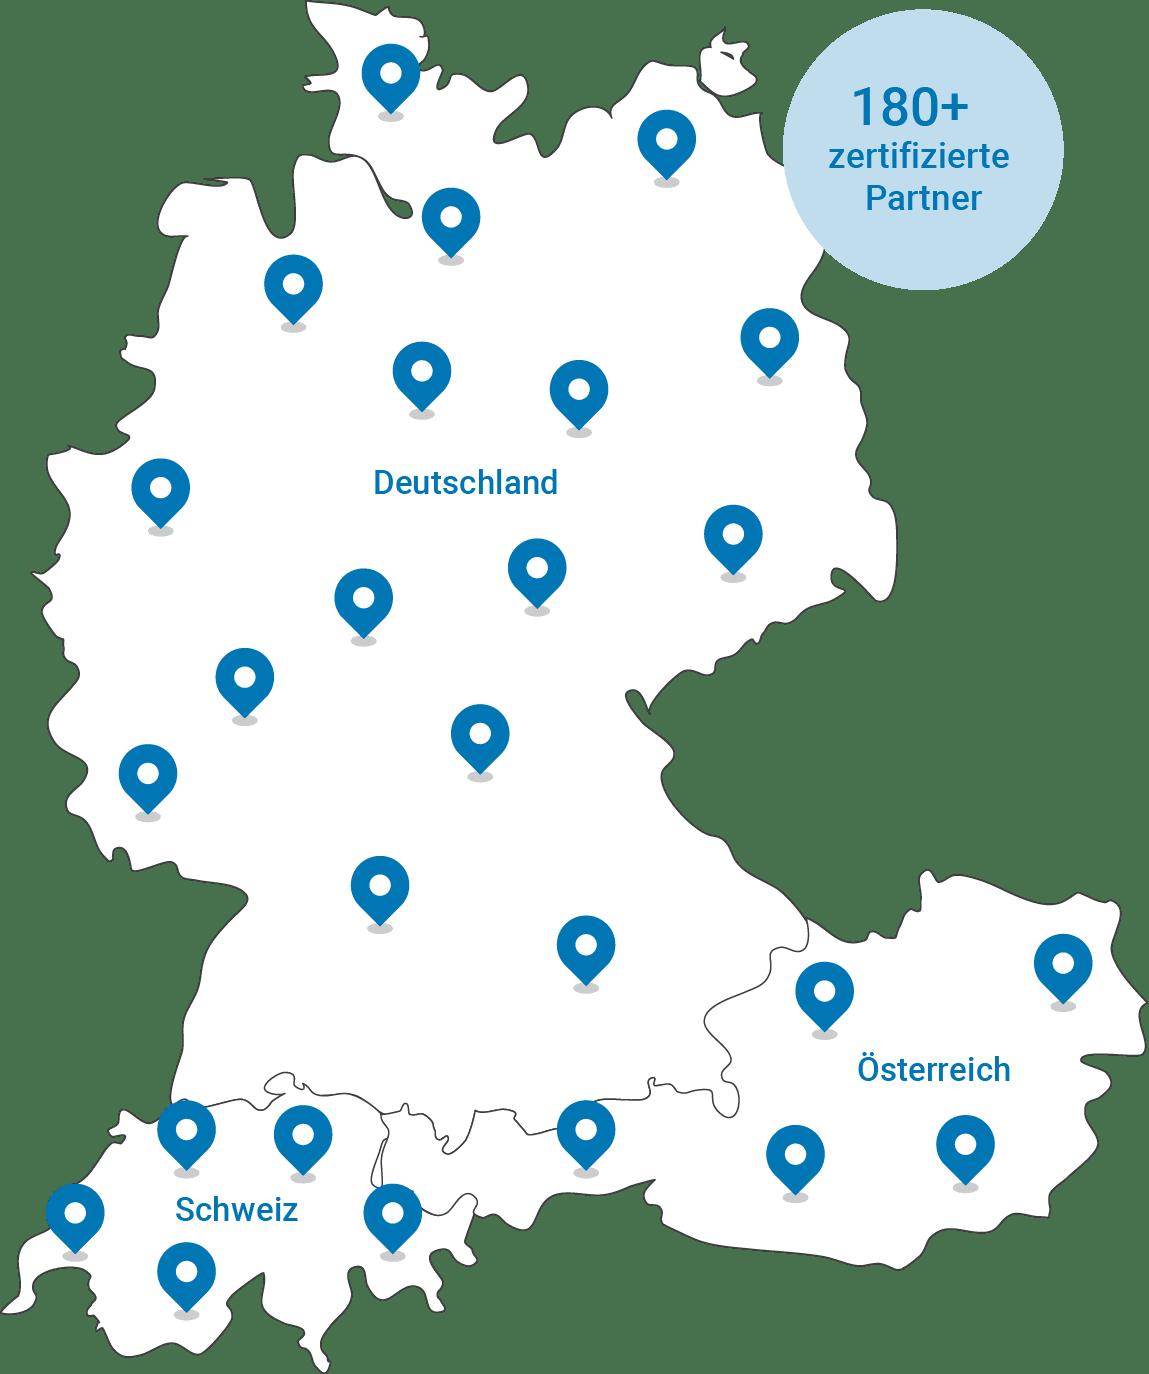 Grafik Partnerkarte